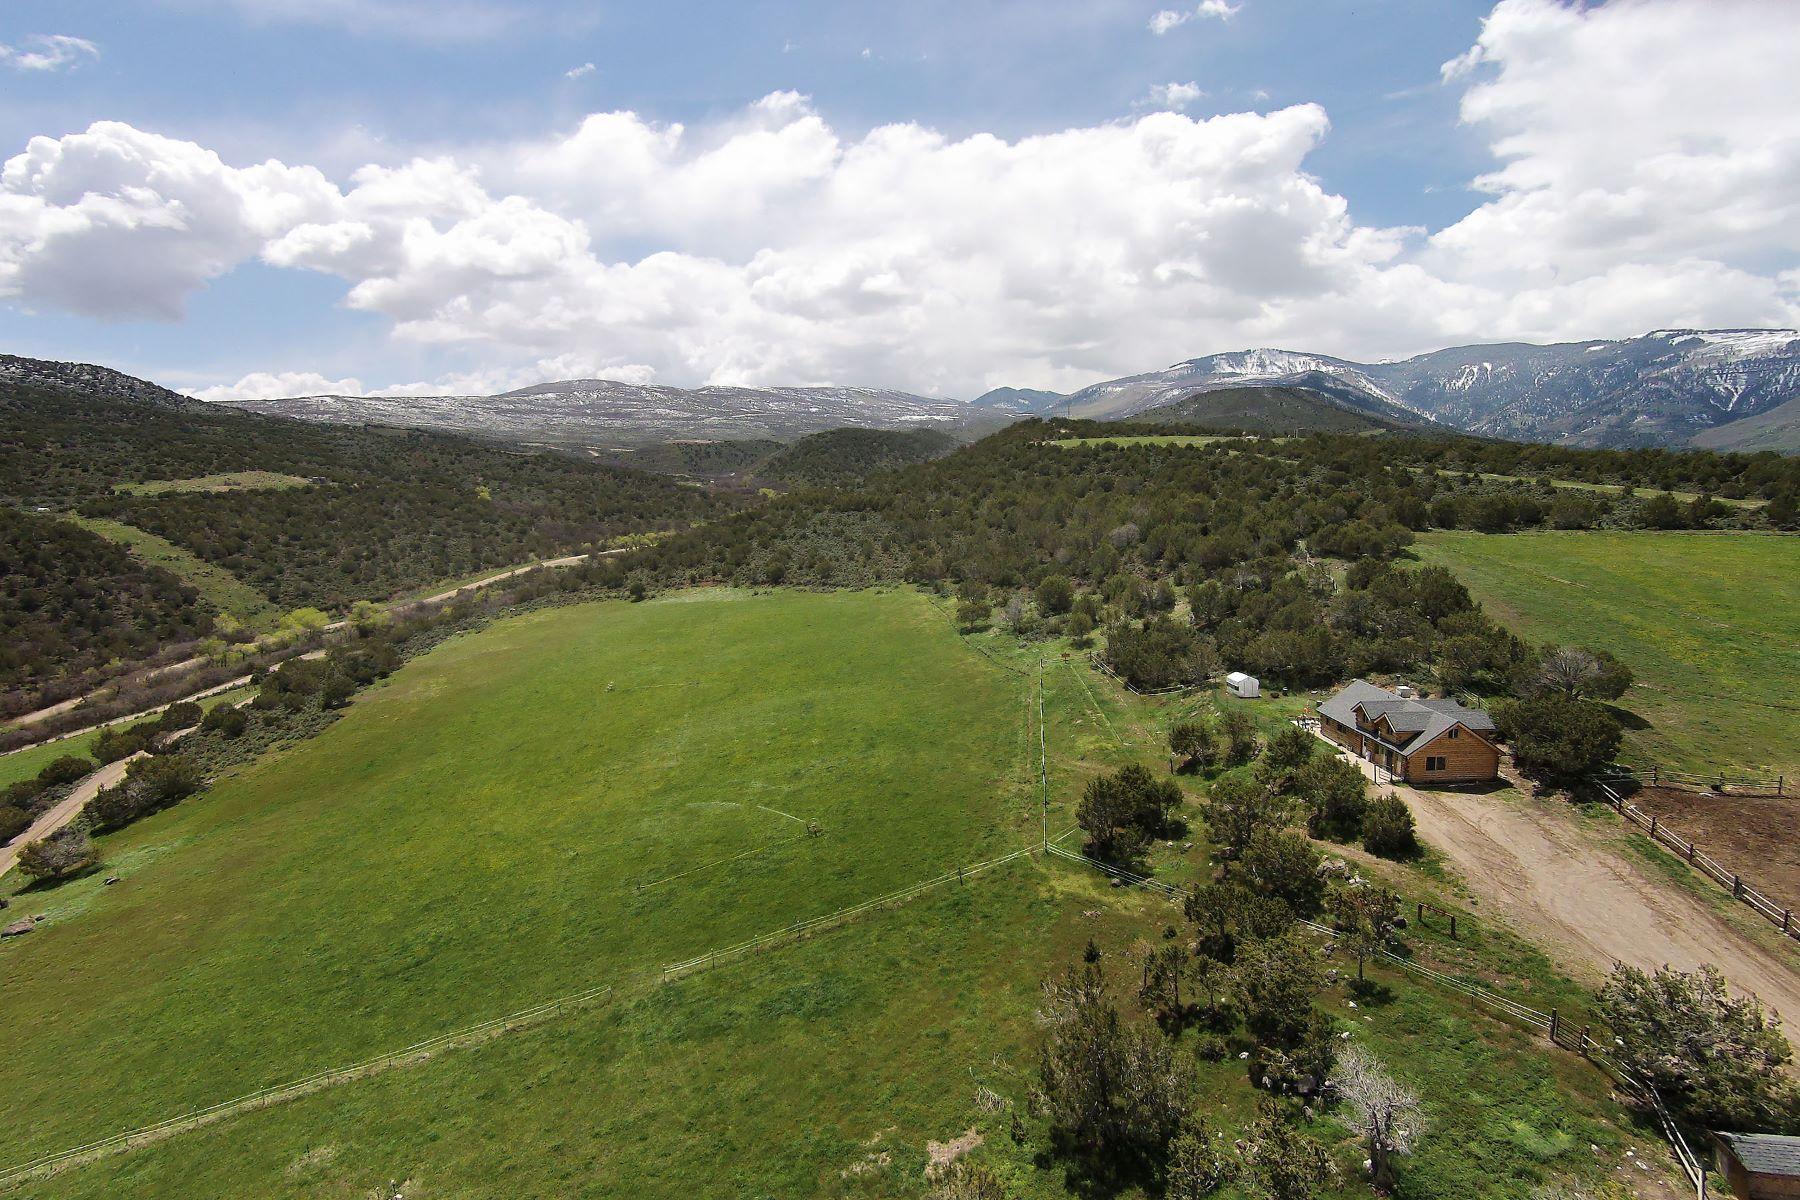 Ферма / ранчо / плантация для того Продажа на Lucky 13 Ranch 2309 County Road 317 Rifle, Колорадо, 81650 Соединенные Штаты